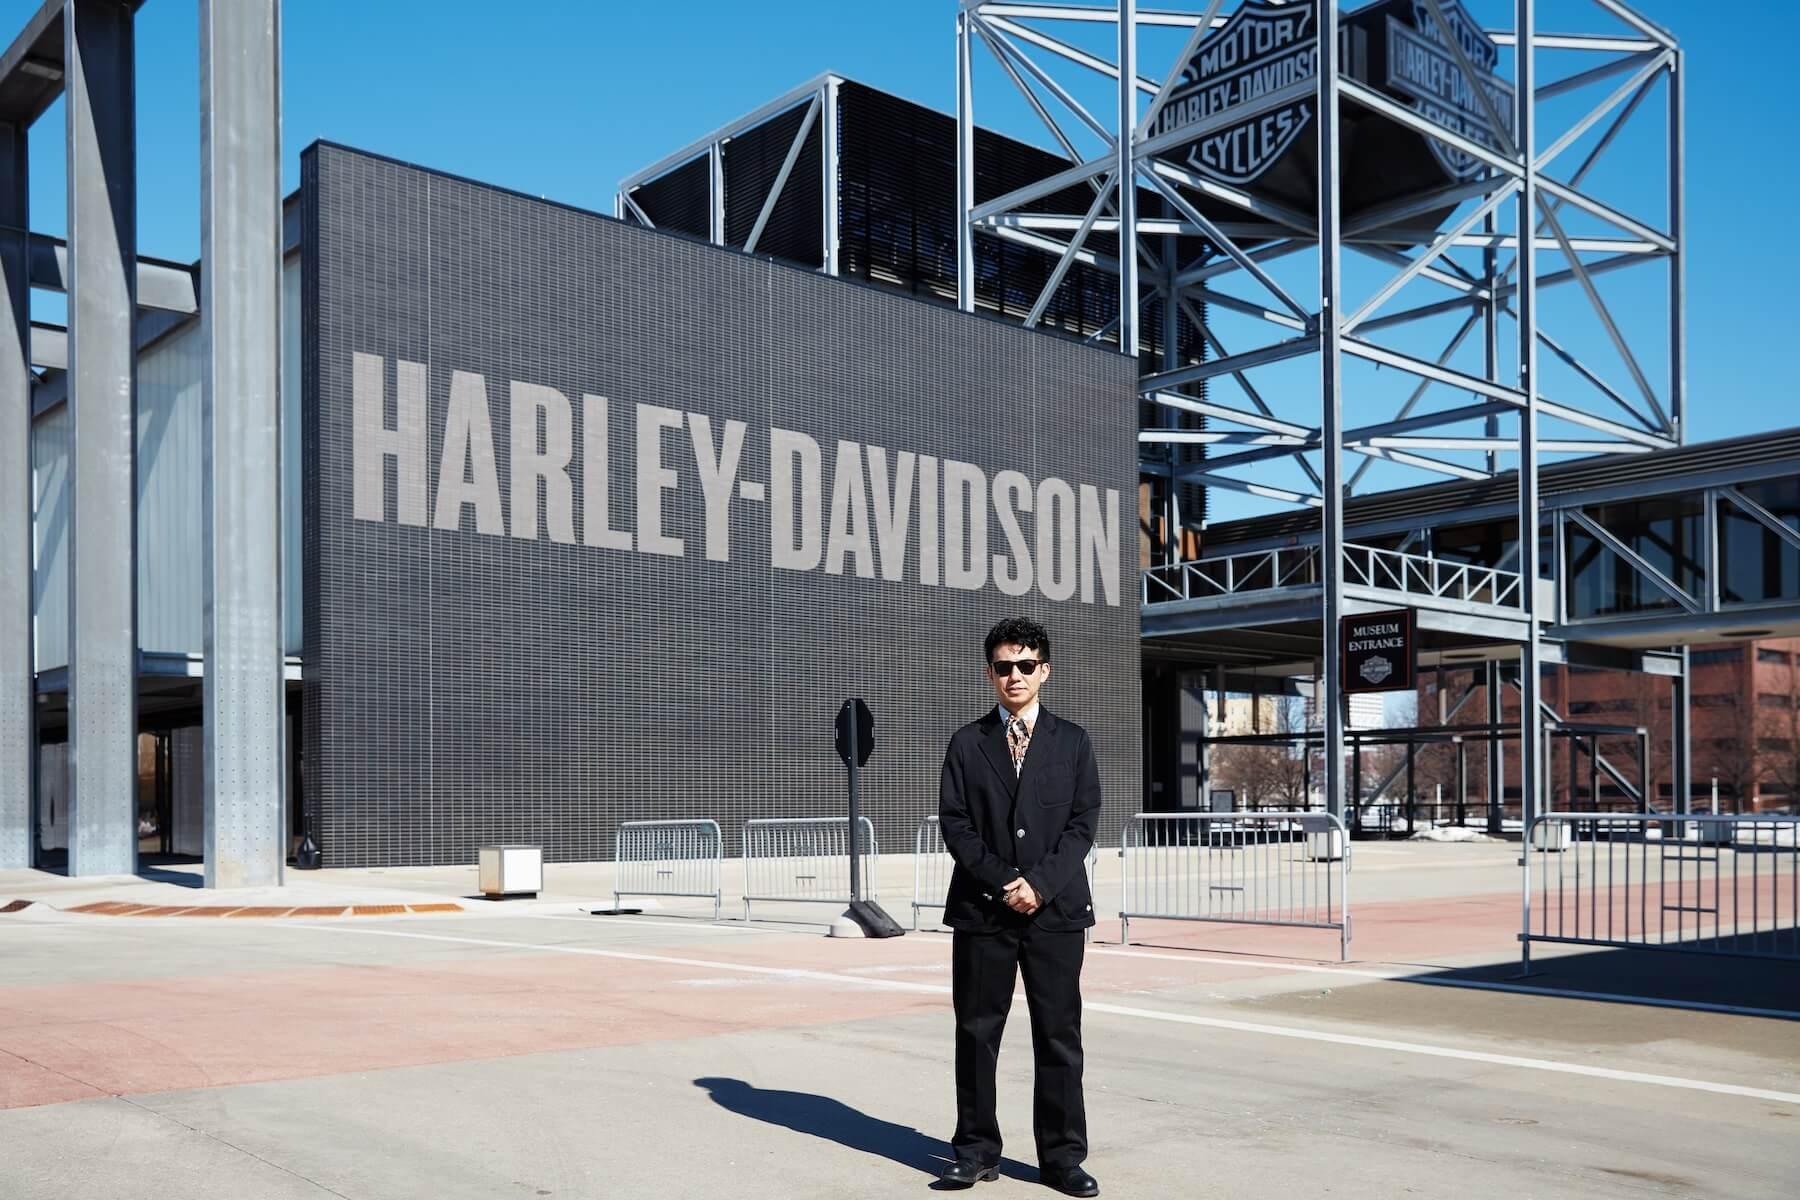 3.11を世界に伝える奇跡の「TSUNAMIハーレー」、ピース綾部のインタビューレポートが『FREEDOM MAGAZINE』で公開 culture210311_Harley-Davidson-05